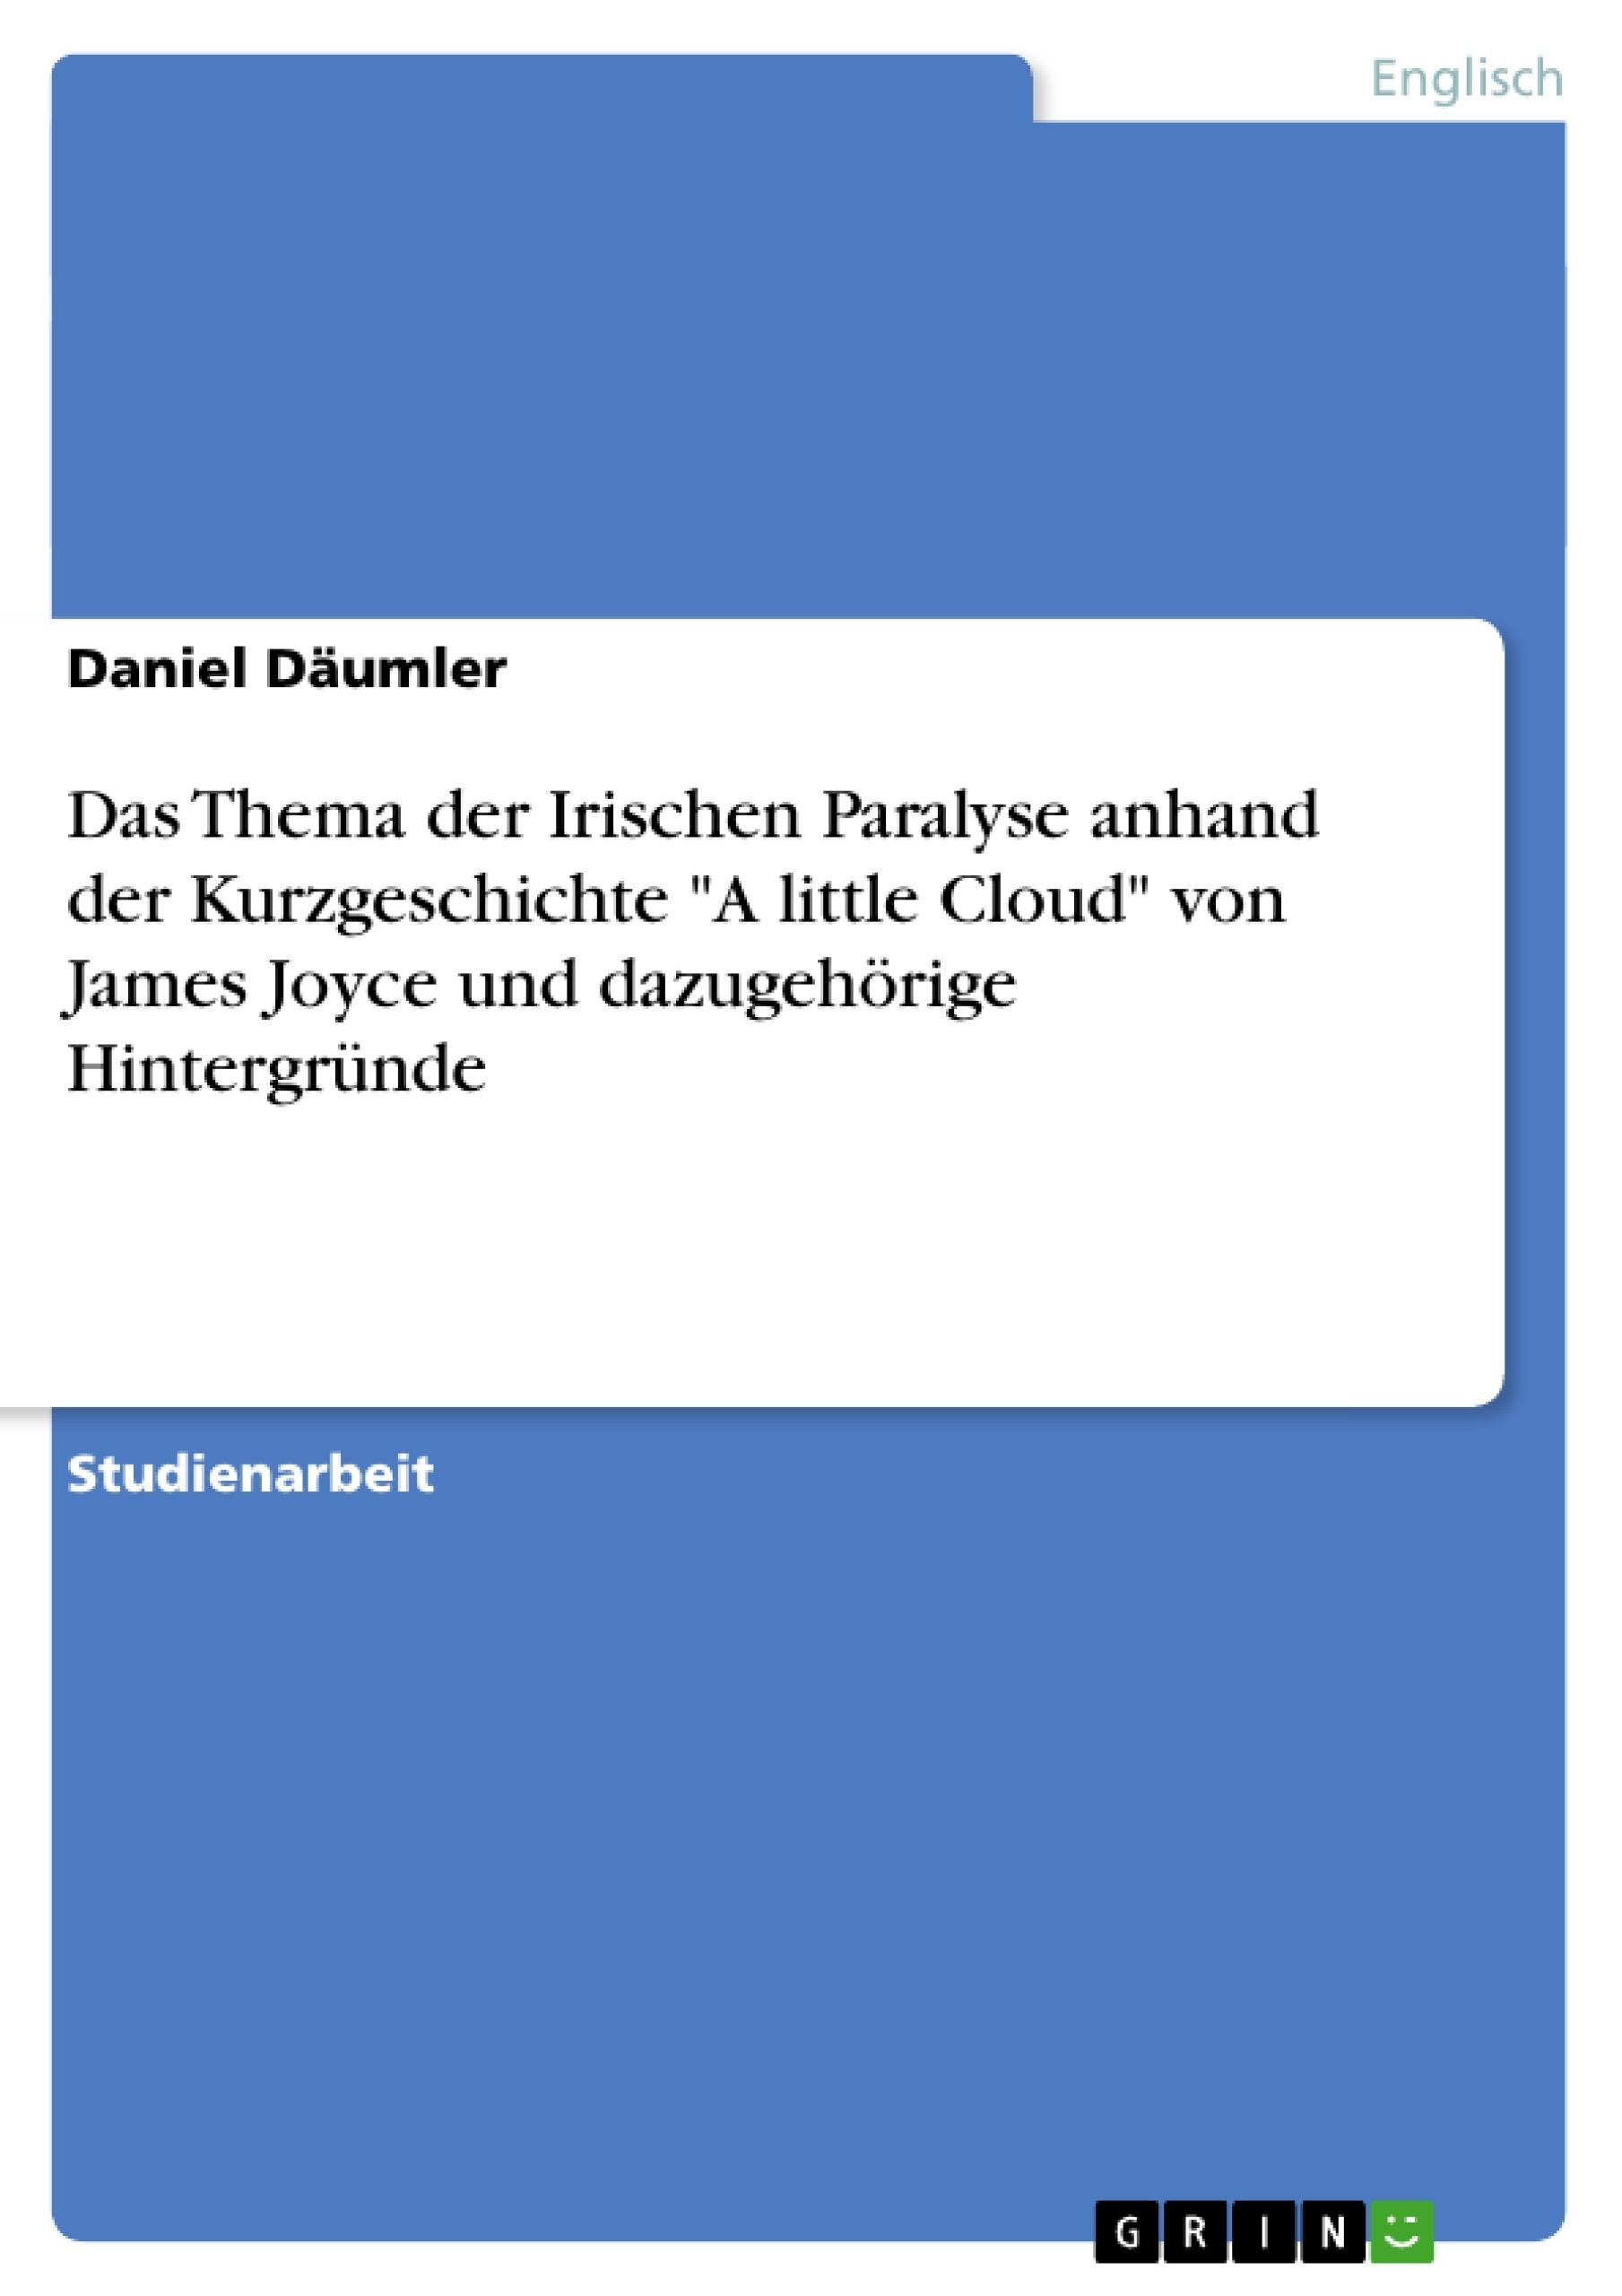 """Titel: Das Thema der Irischen Paralyse anhand der Kurzgeschichte """"A little Cloud"""" von James Joyce und dazugehörige Hintergründe"""